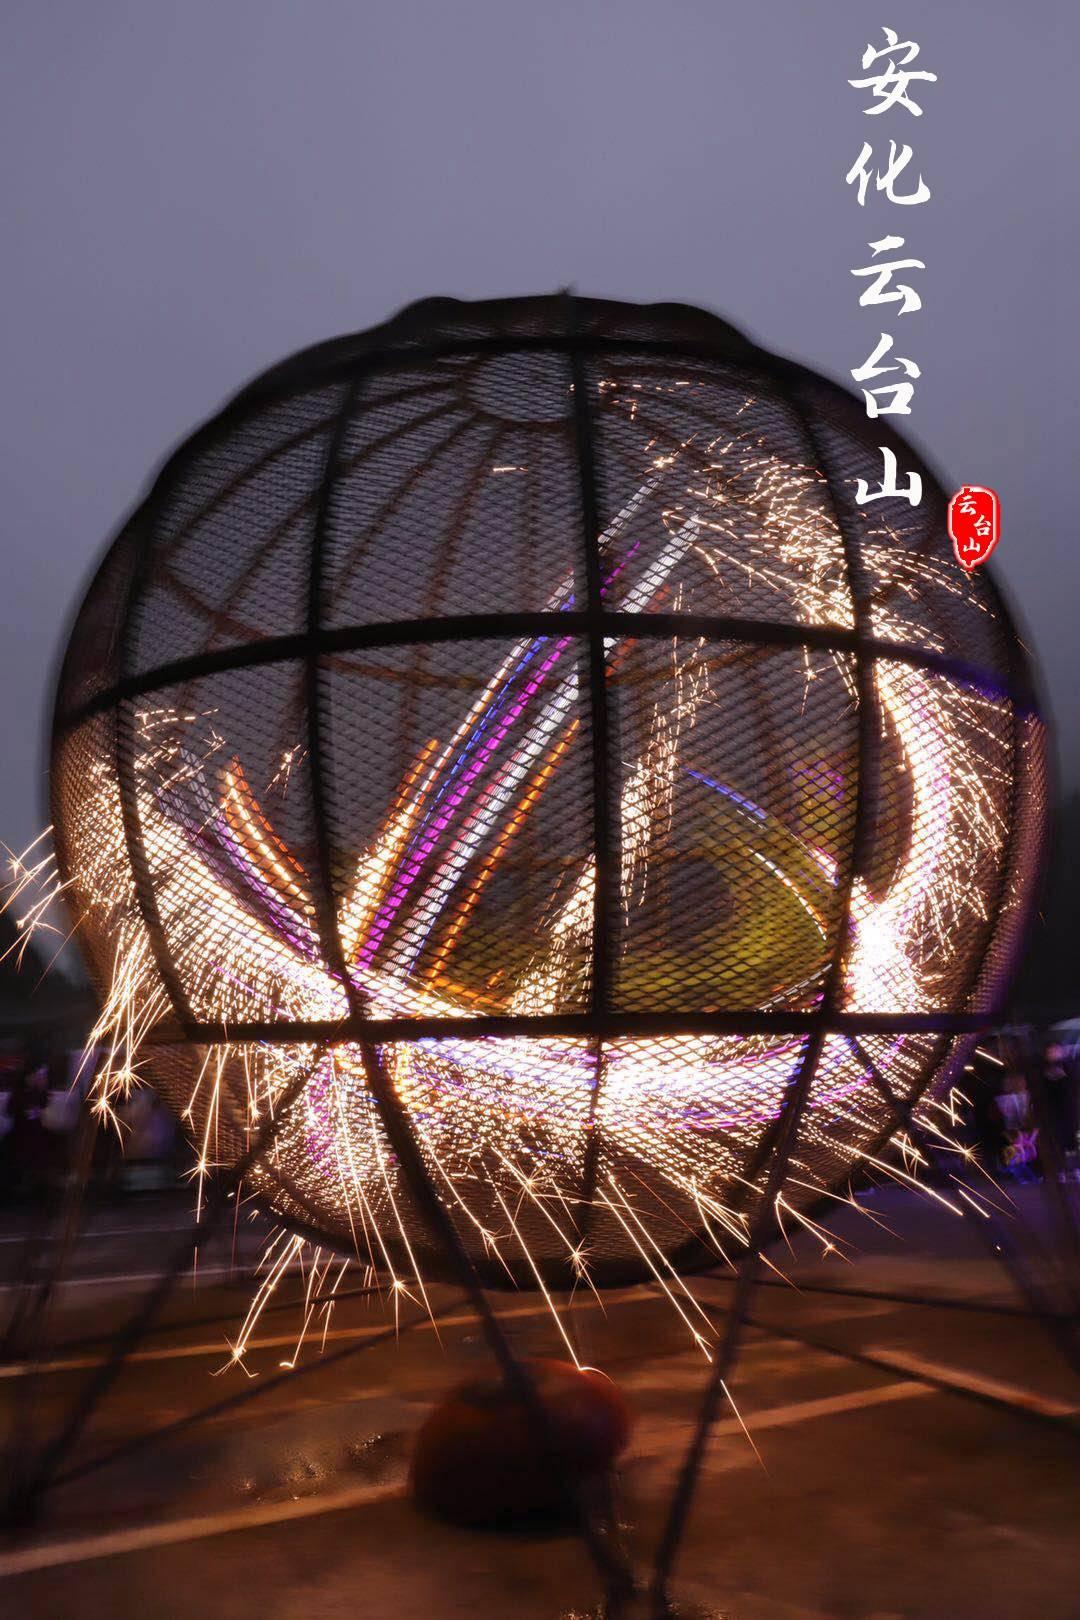 云台山景区迎来国庆黄金周后的第一场篝火晚会